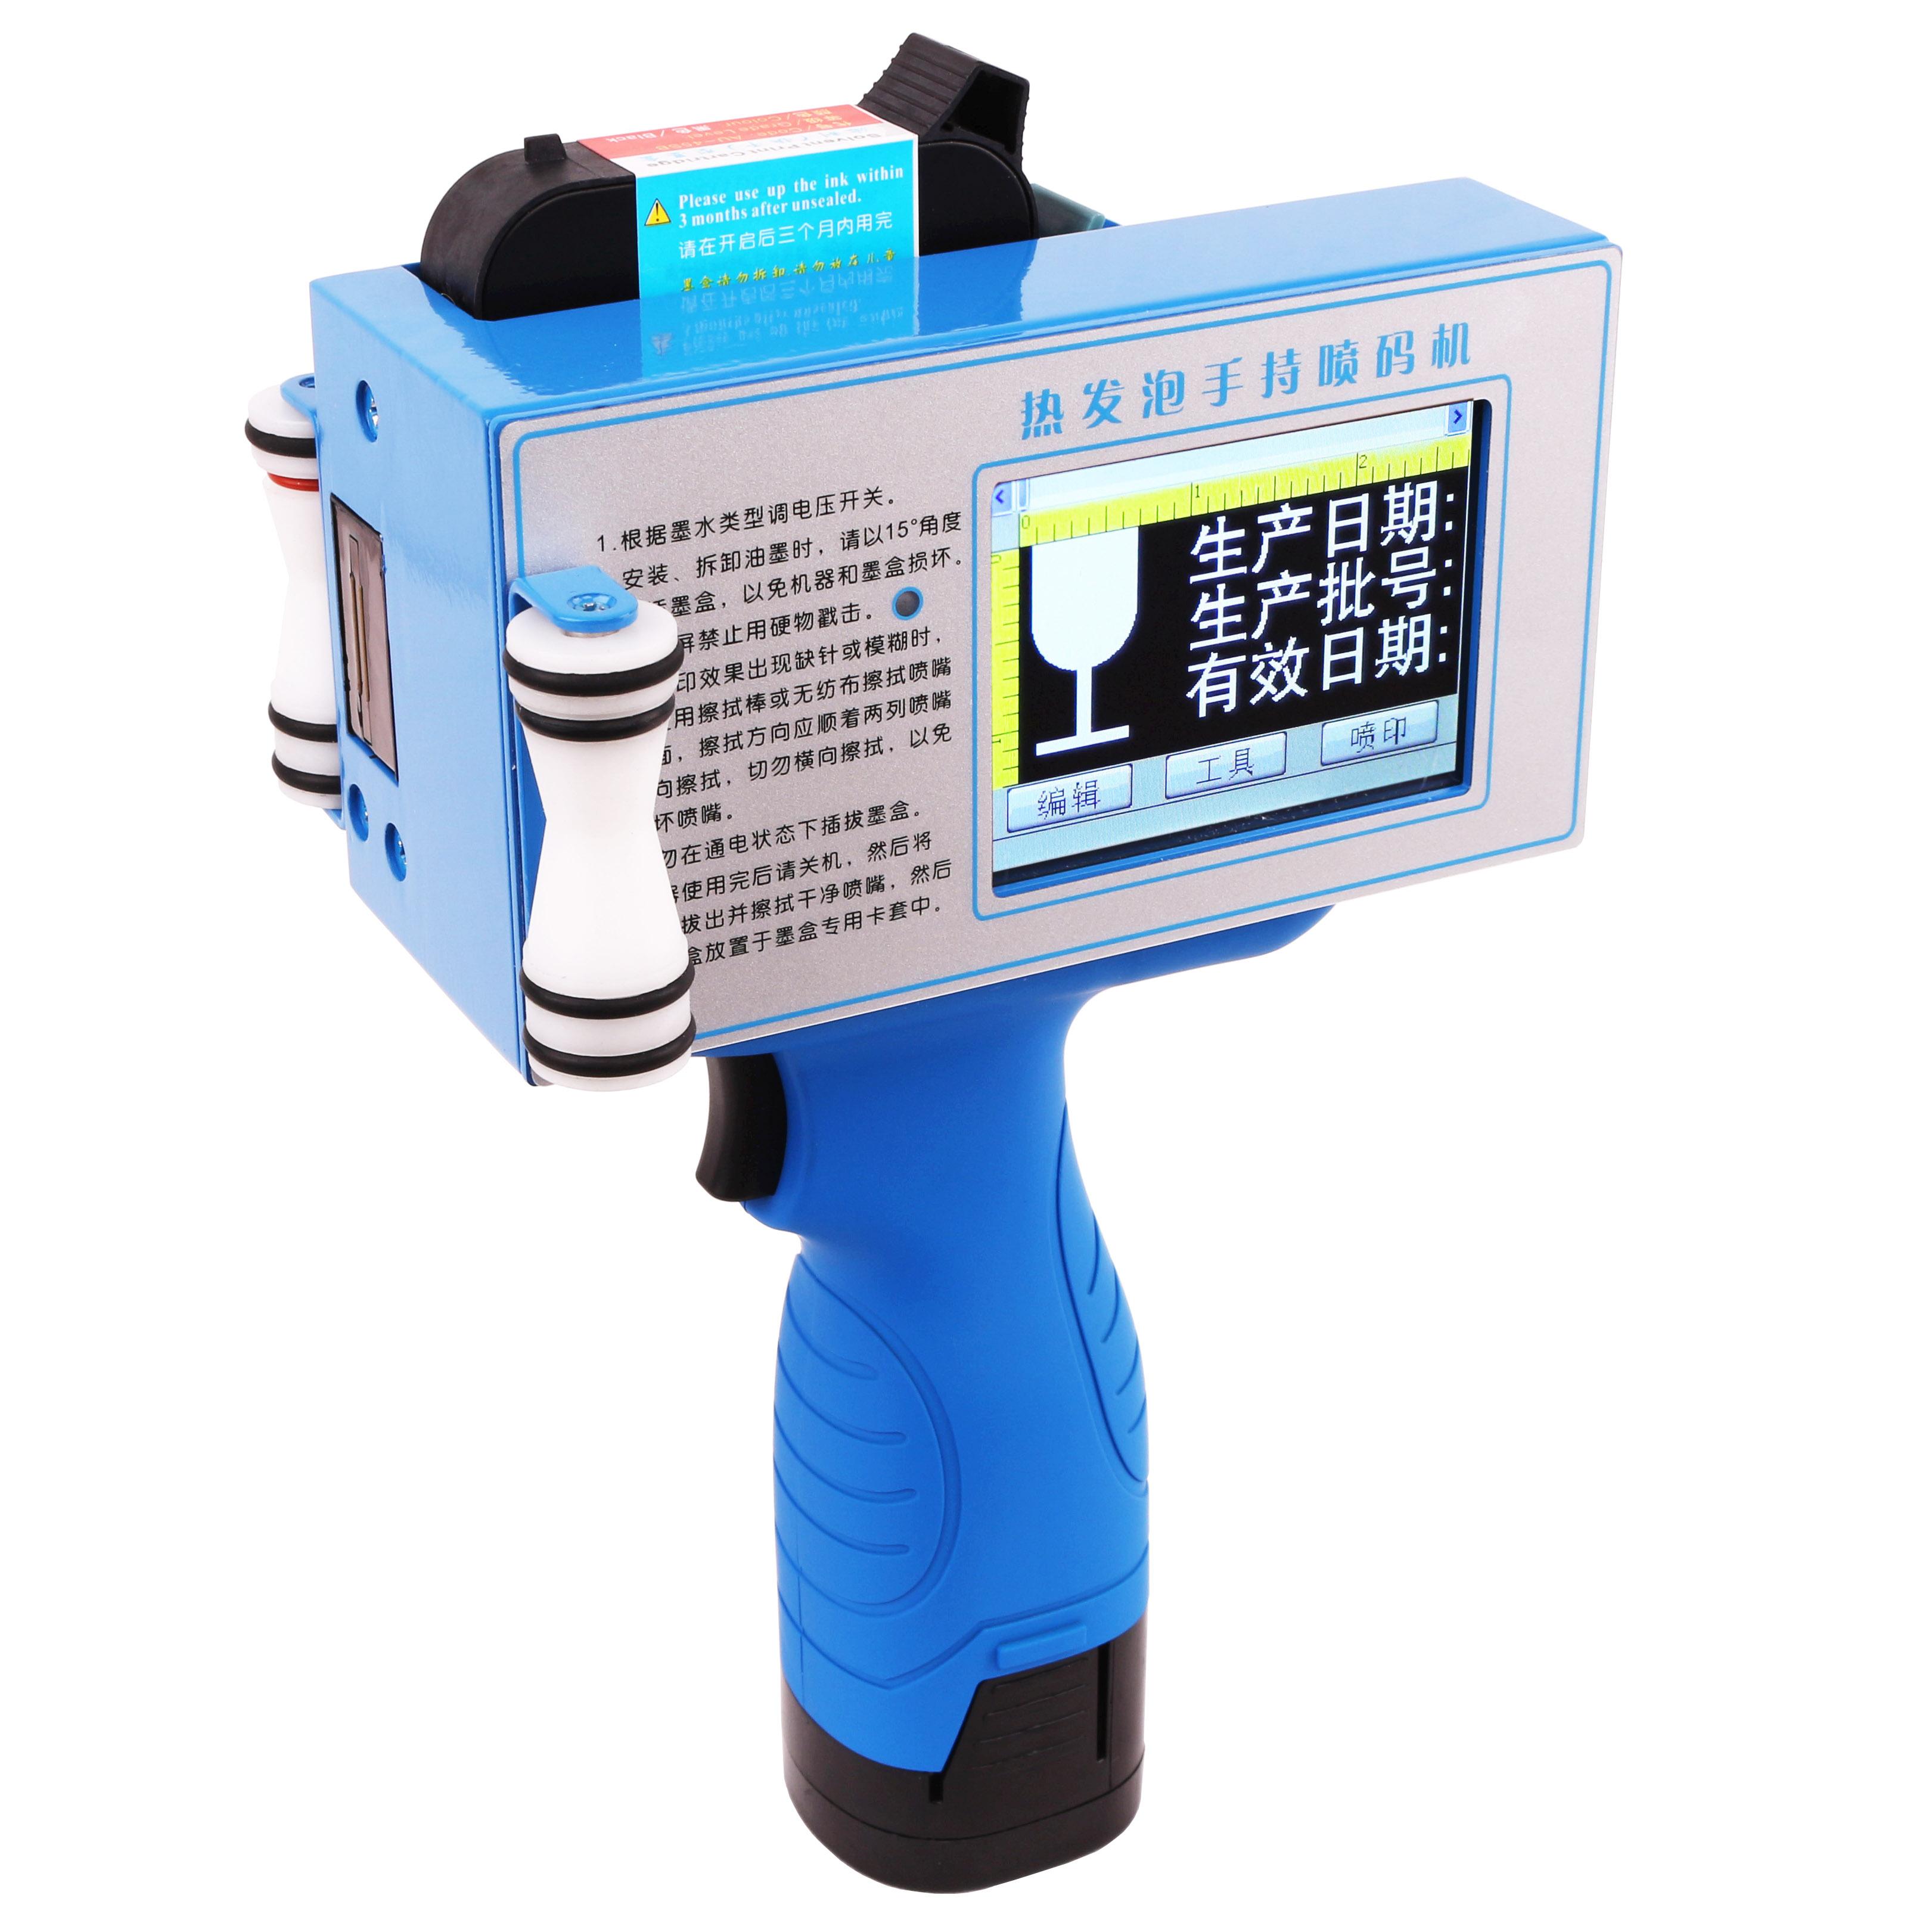 全新智能触控手持喷码机图案条码日期流水号便携喷码机U盘喷码机